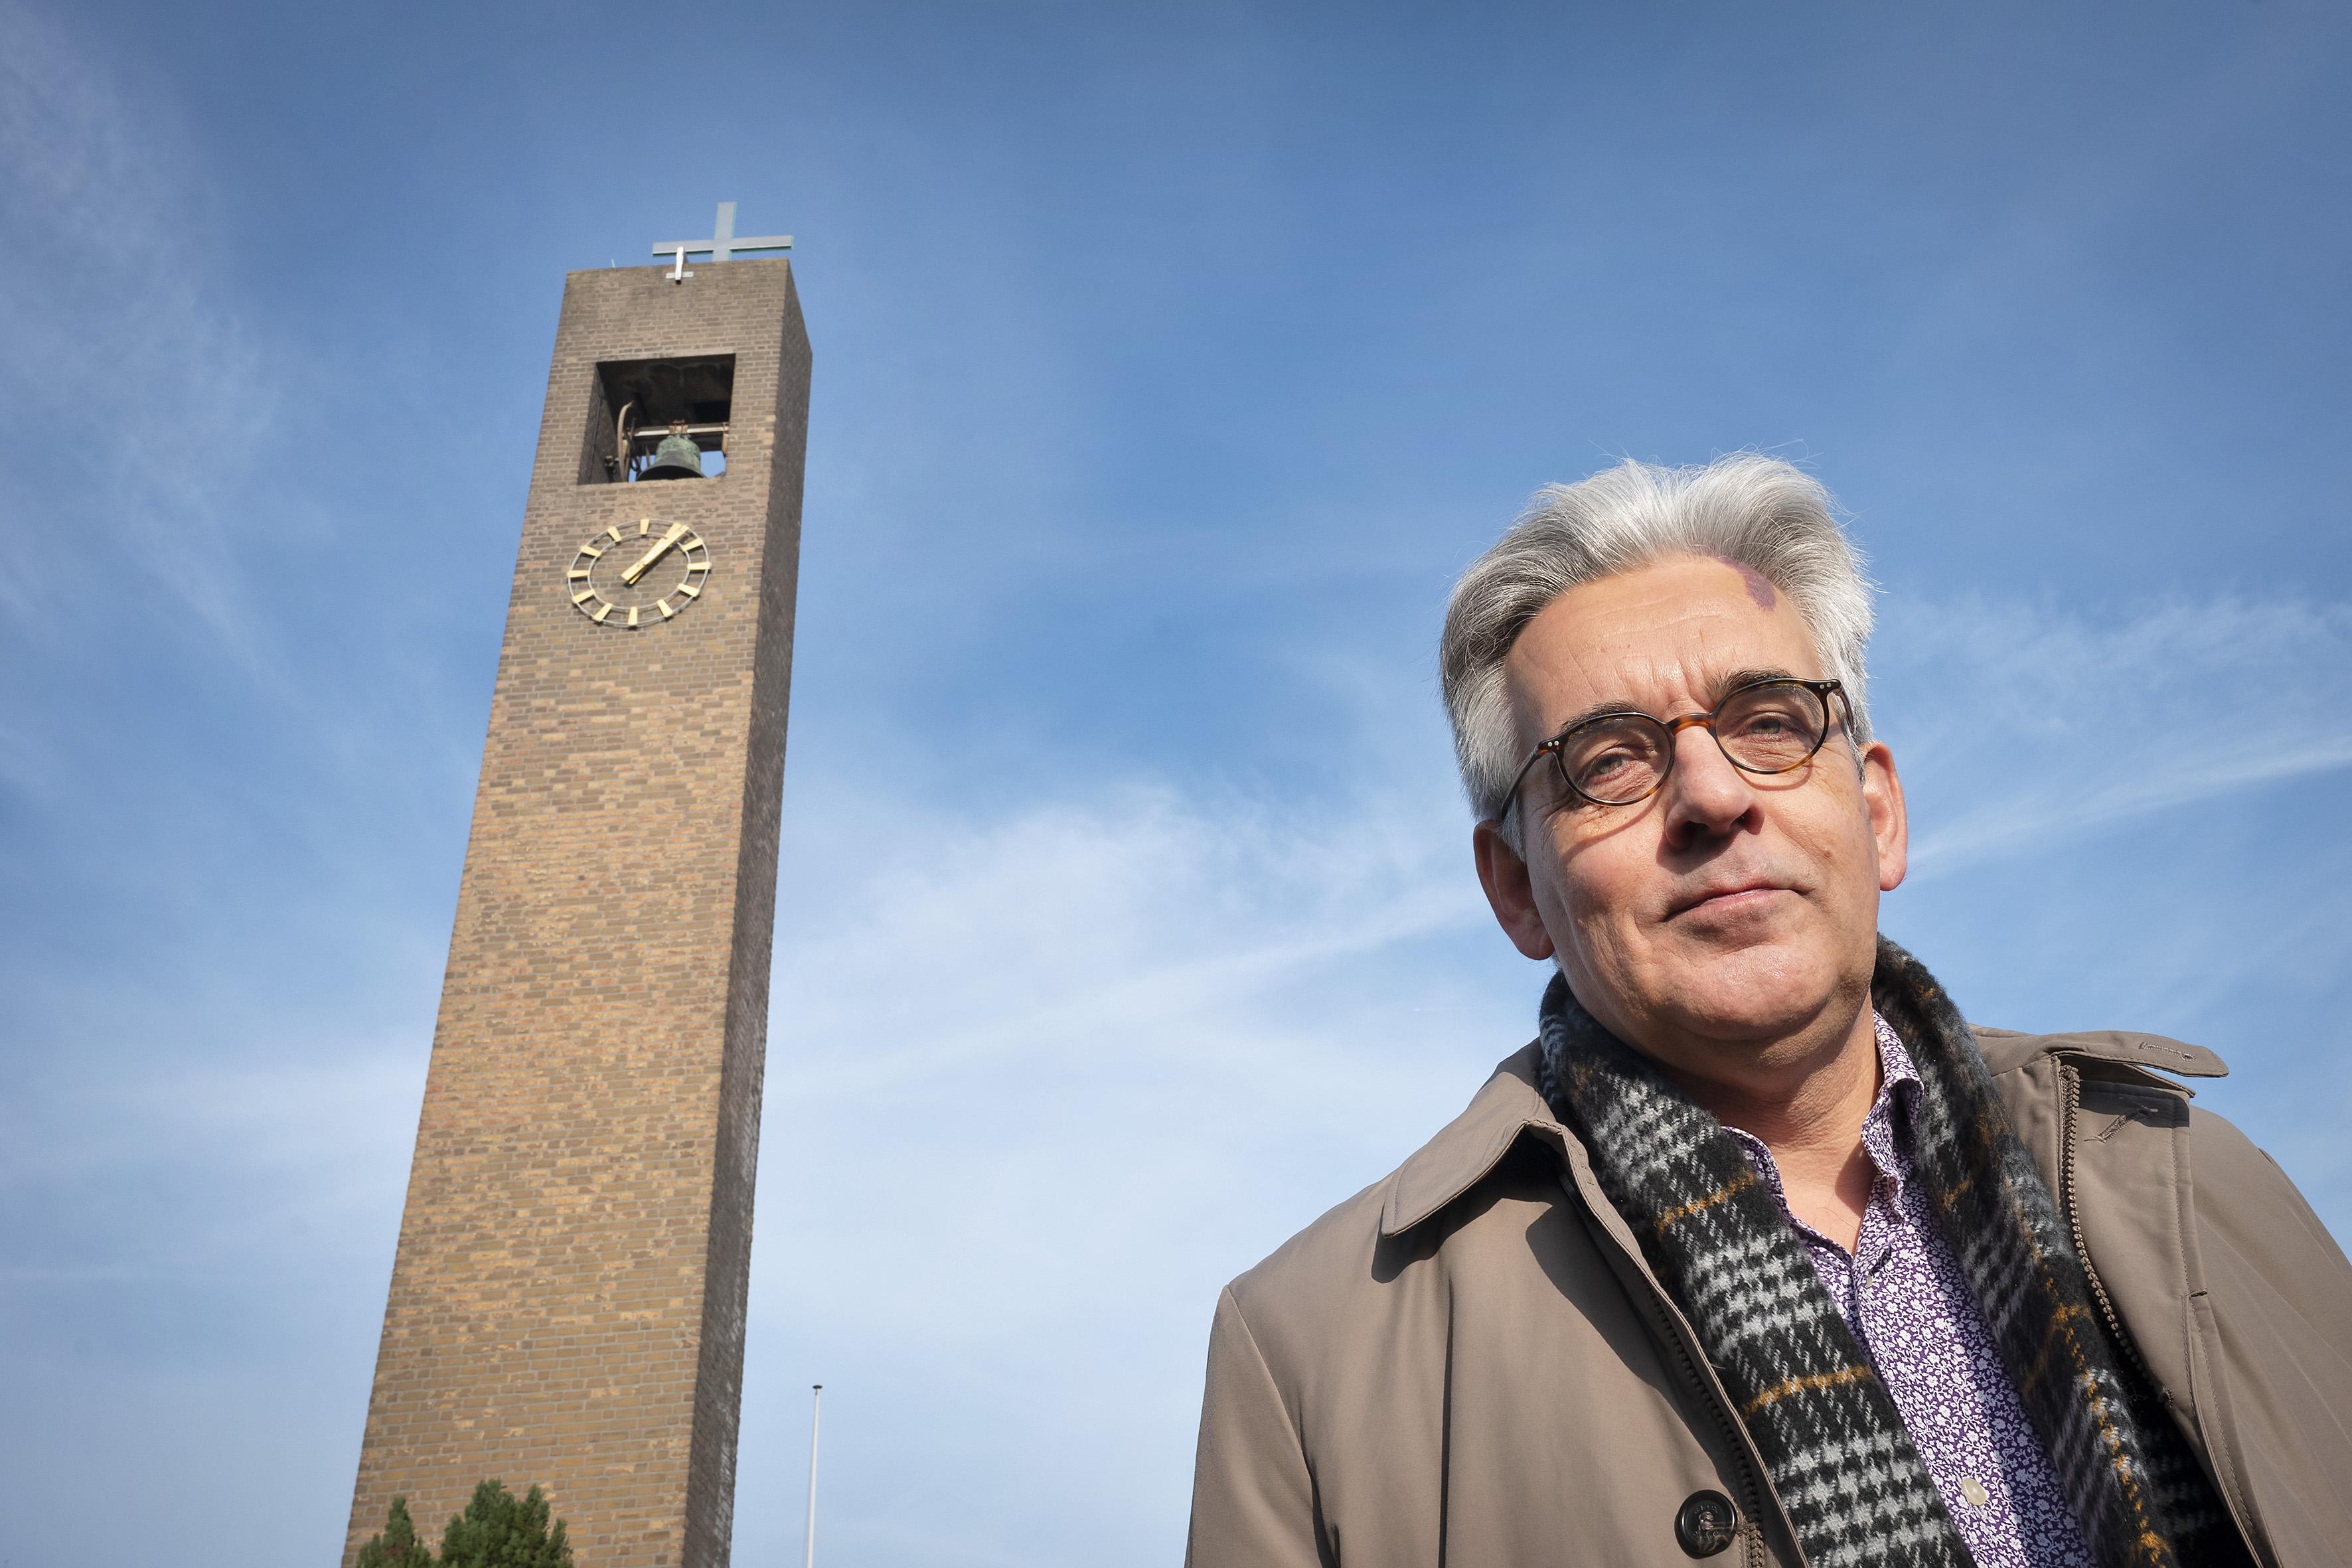 Dominee Sicco Zijlstra begint actie om klok van de Pelgrimkerk in Haarlem weer te mogen luiden